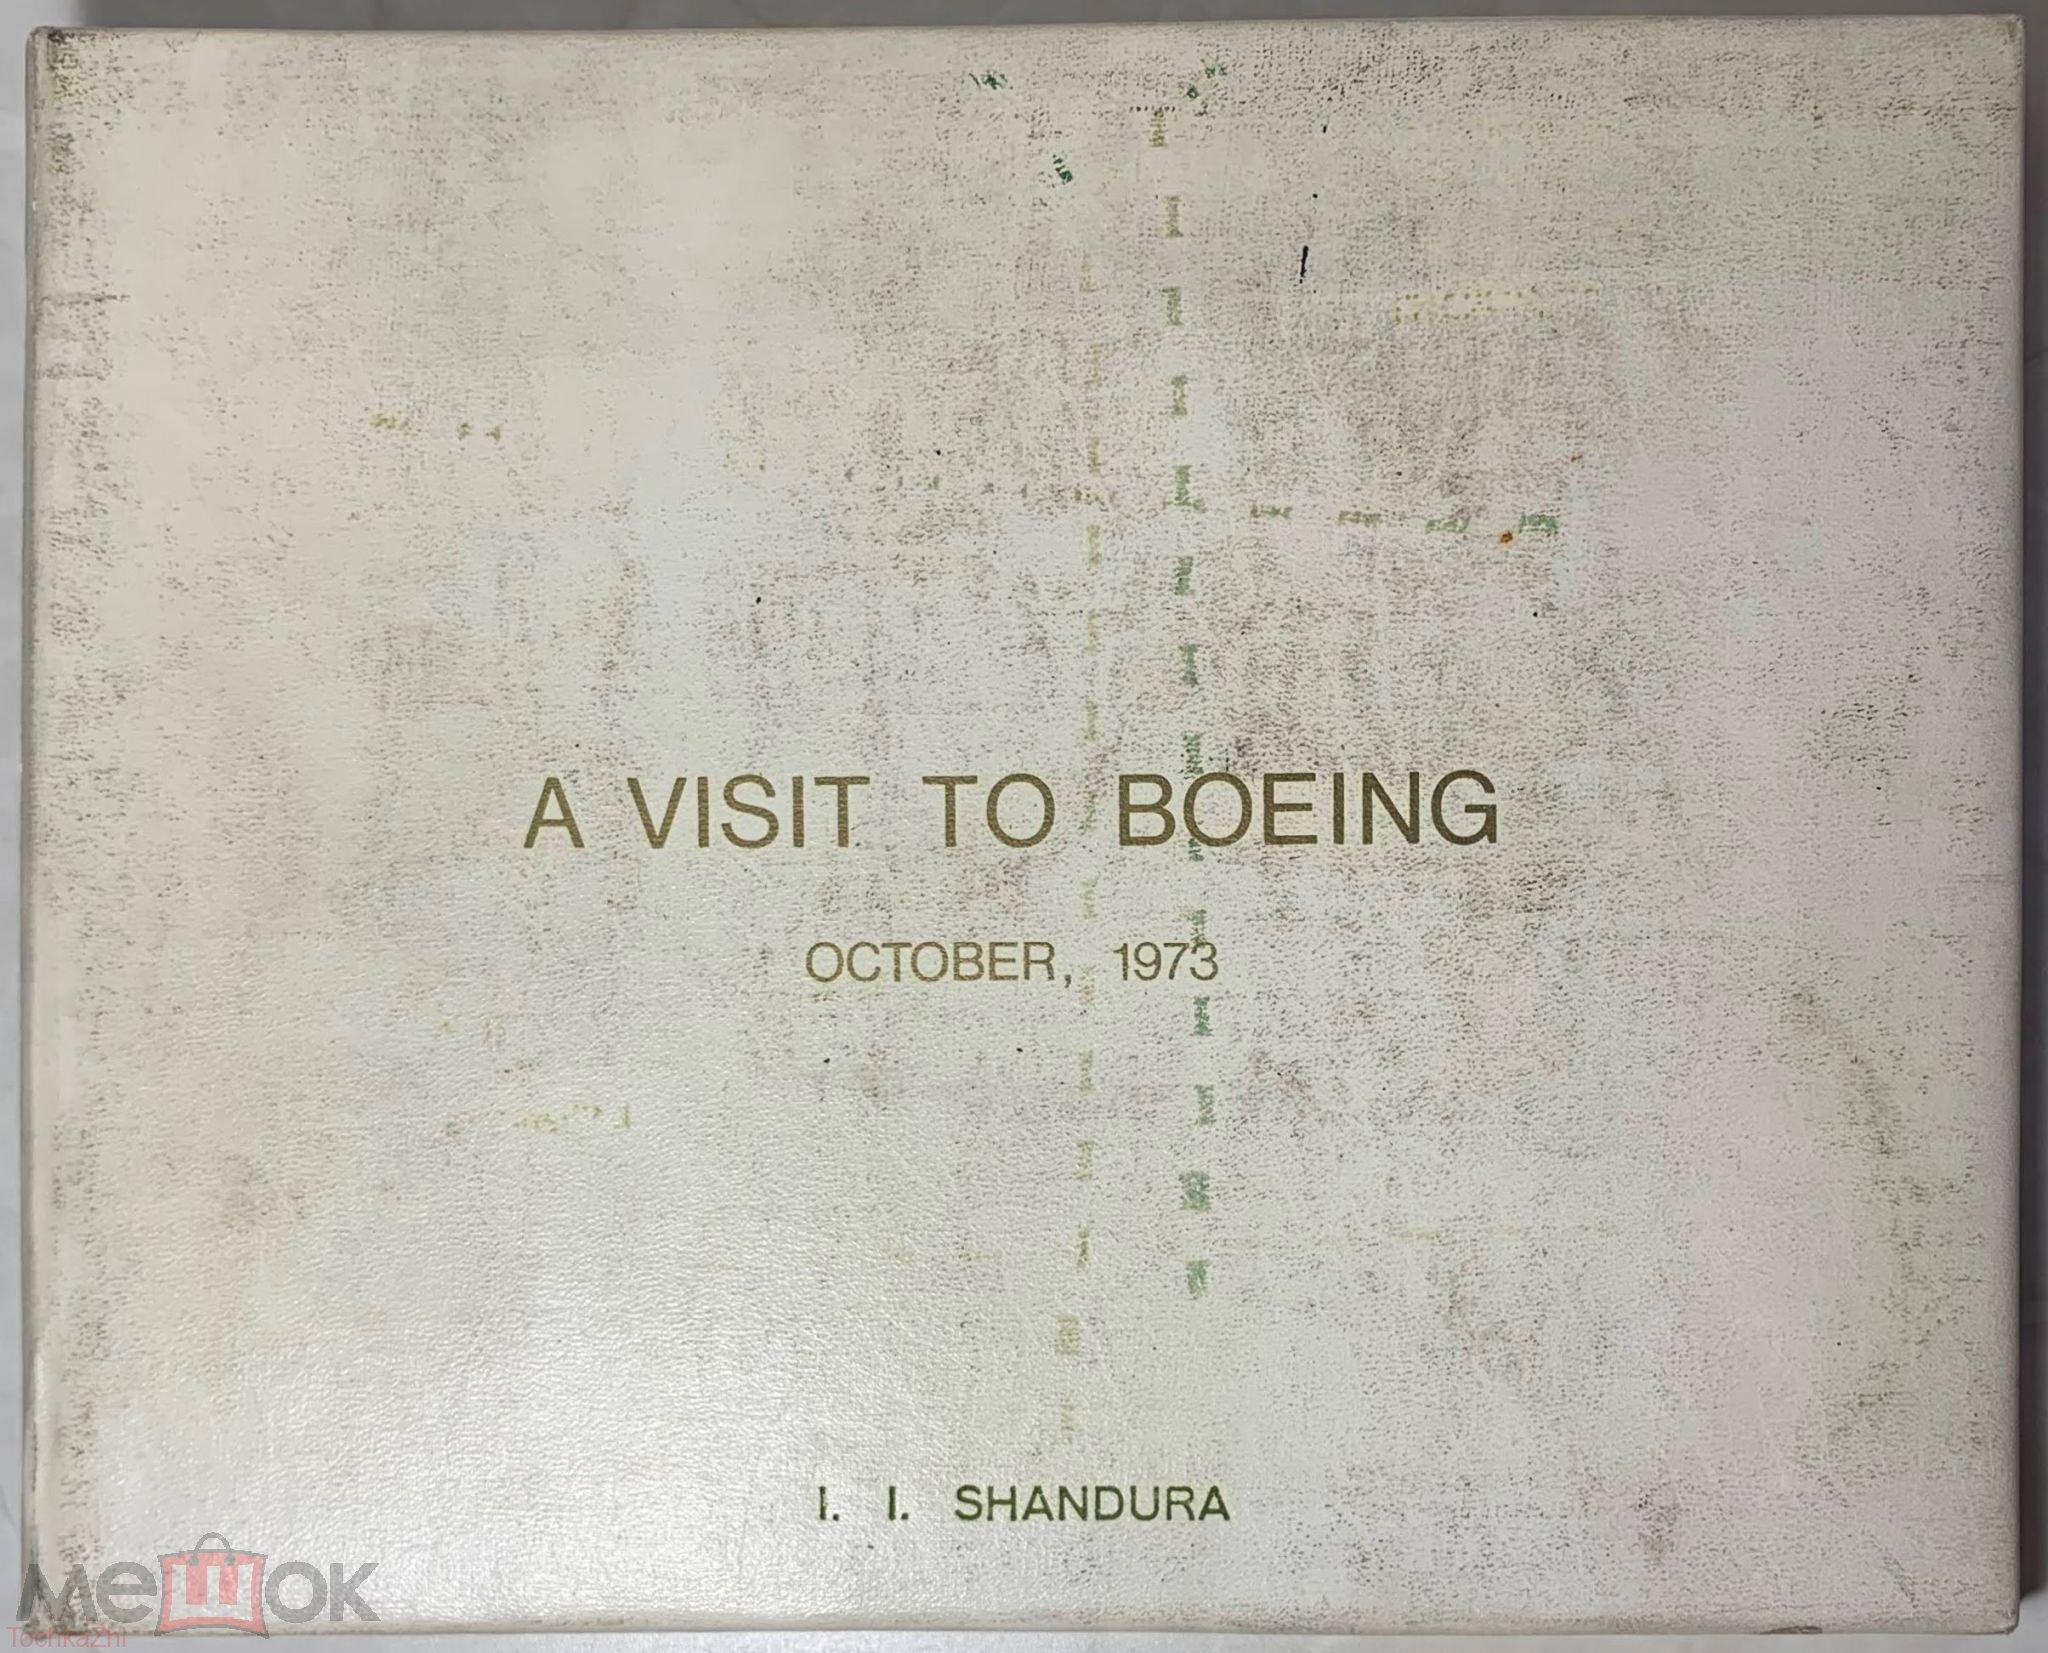 Фотоальбом визит на Боинг. [АВТОГРАФ] a Visit to Boeing. October, 1973. I.I. Shandura. Автограф.